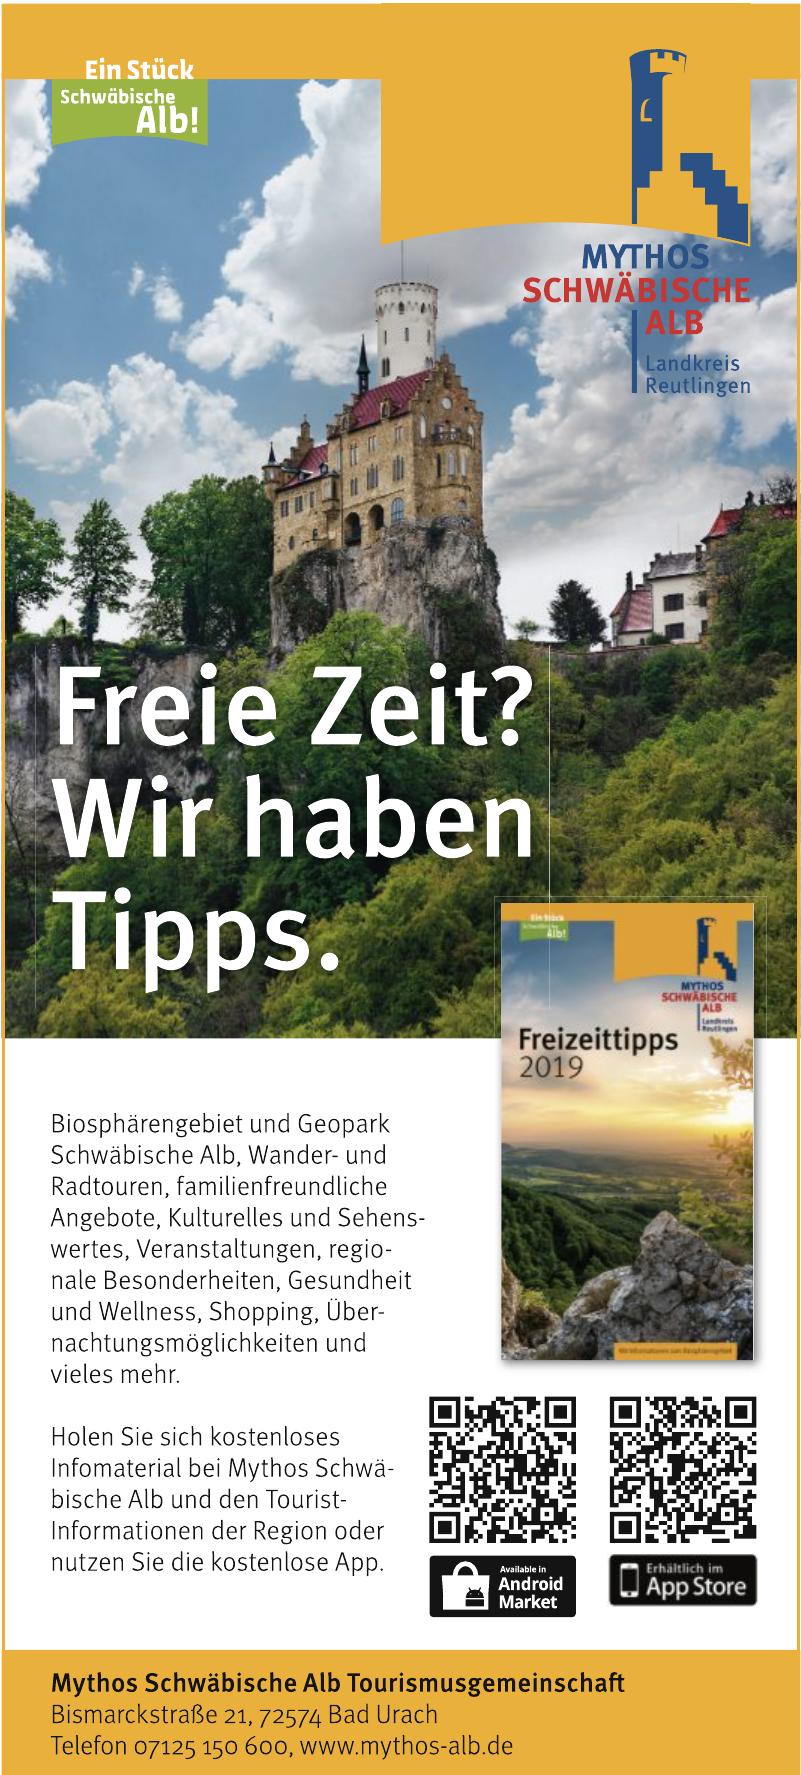 Mythos Schwäbische Alb Tourismusgemeinschaft